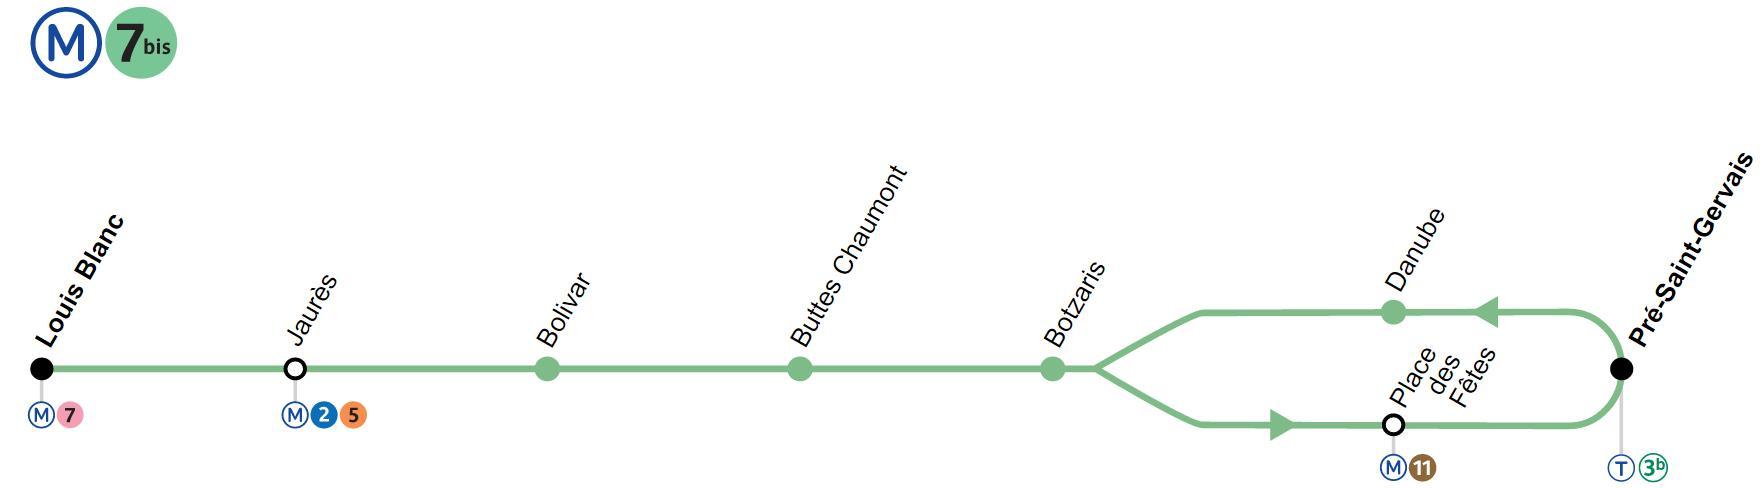 Plan Ligne 7bis métro de Paris